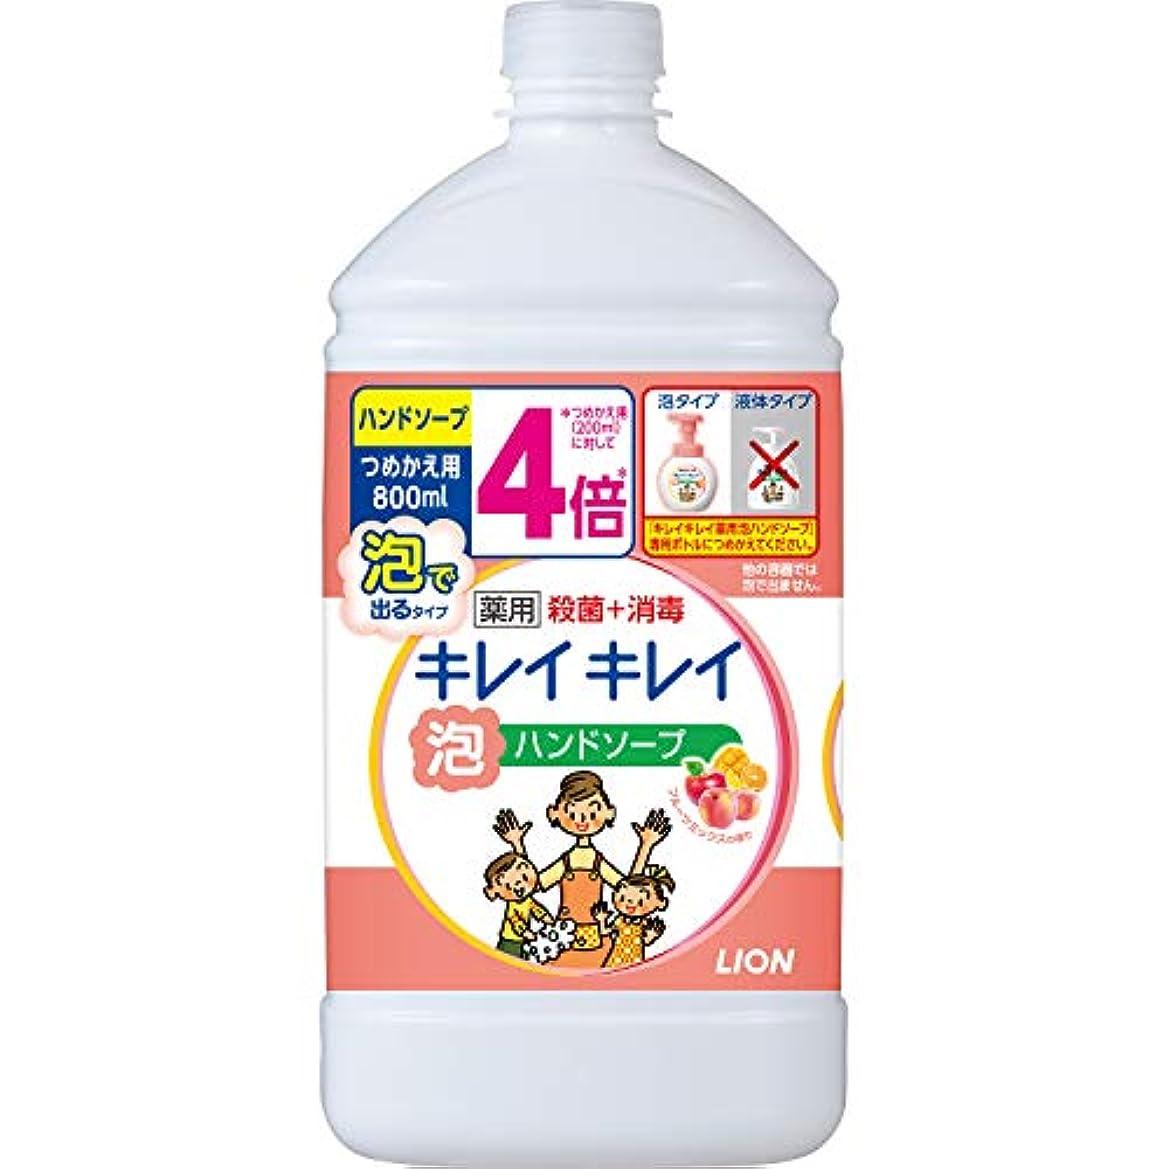 ゲージ思慮のない急流(医薬部外品)【大容量】キレイキレイ 薬用 泡ハンドソープ フルーツミックスの香り 詰め替え用 800ml